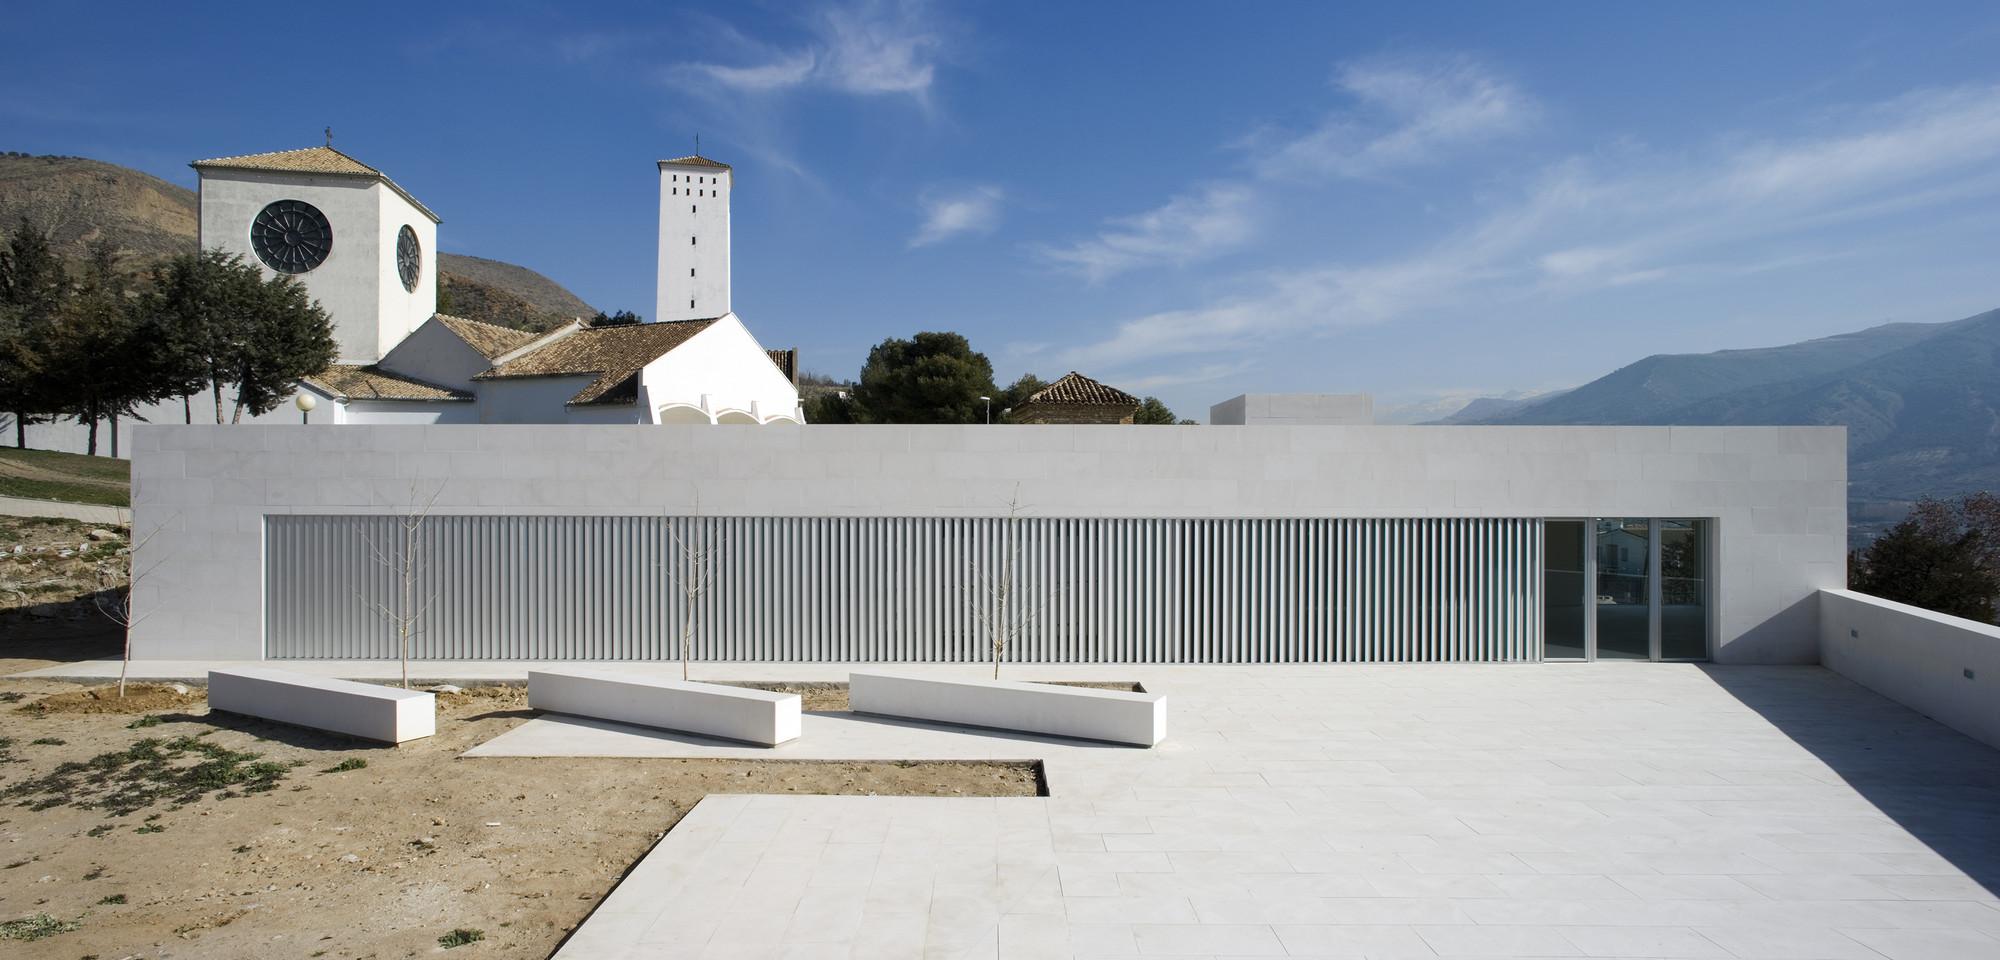 Polyvalent Social Center in Lancha del Genil / Elisa Valero Ramos, © Fernando Alda